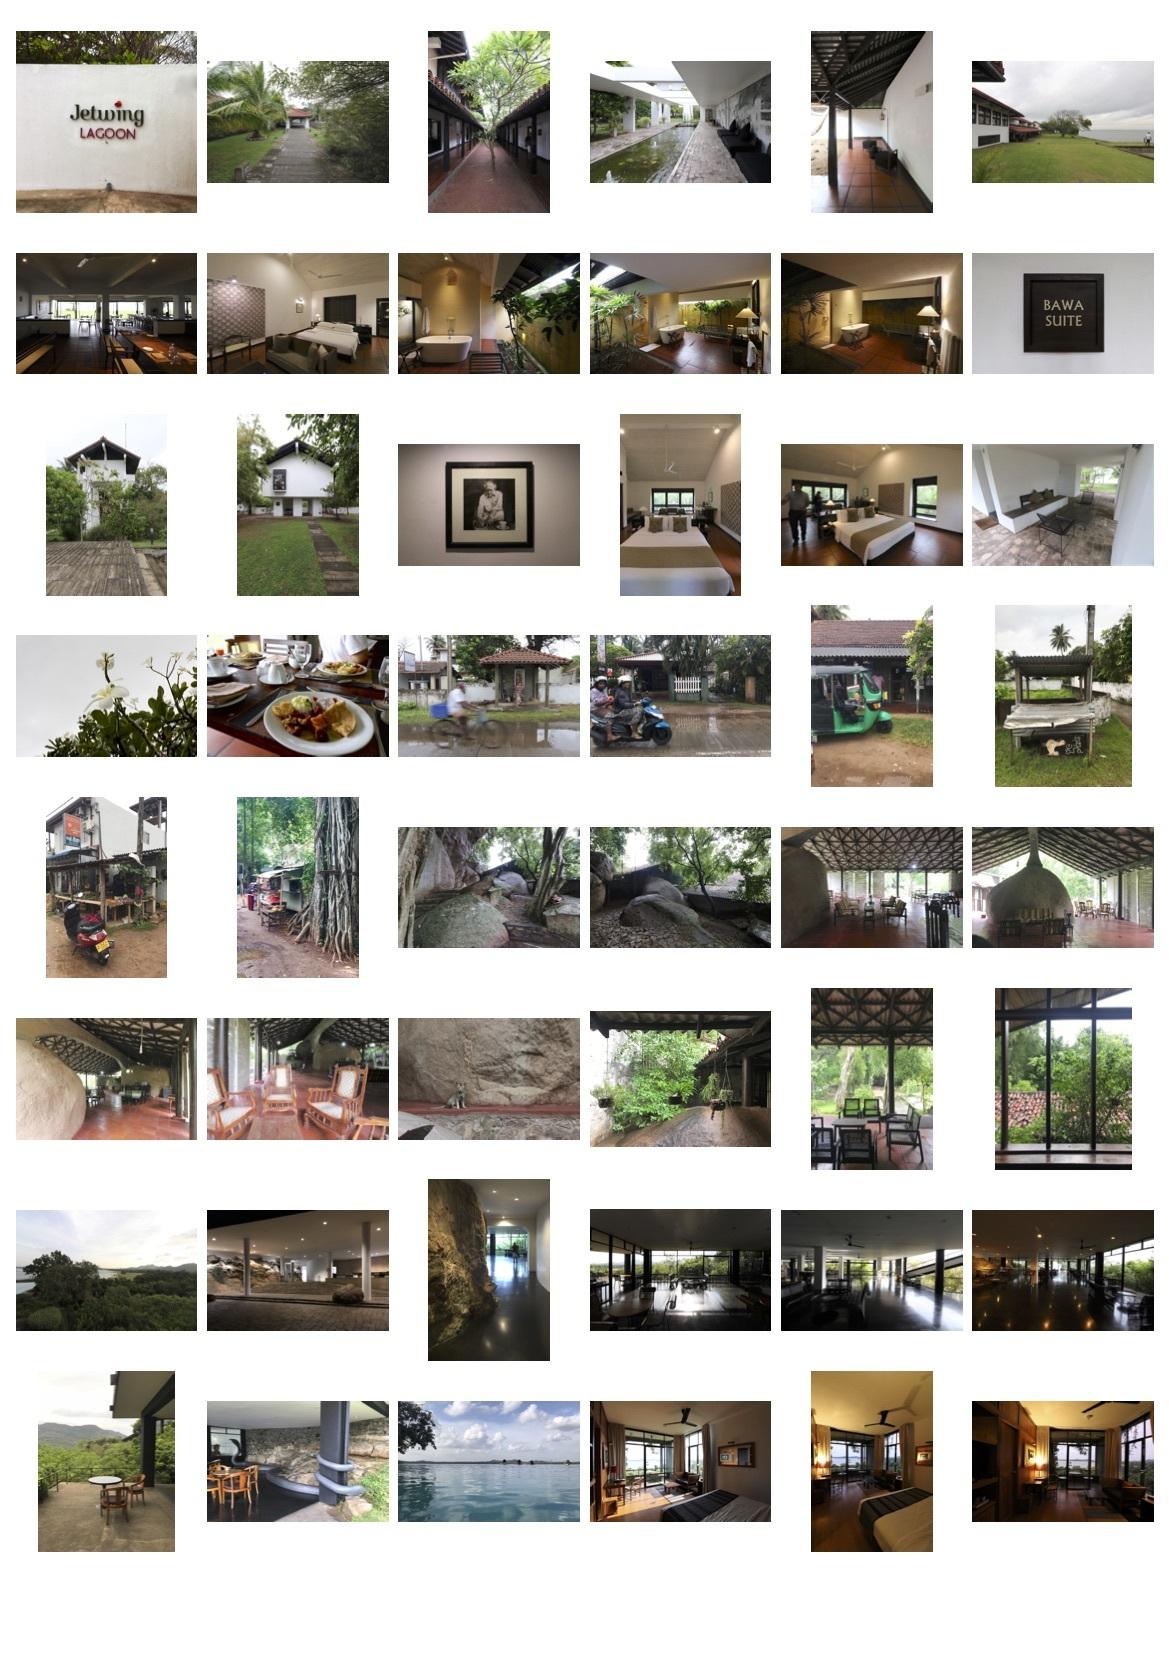 スリランカの旅、まとめました。_f0165030_12035149.jpg